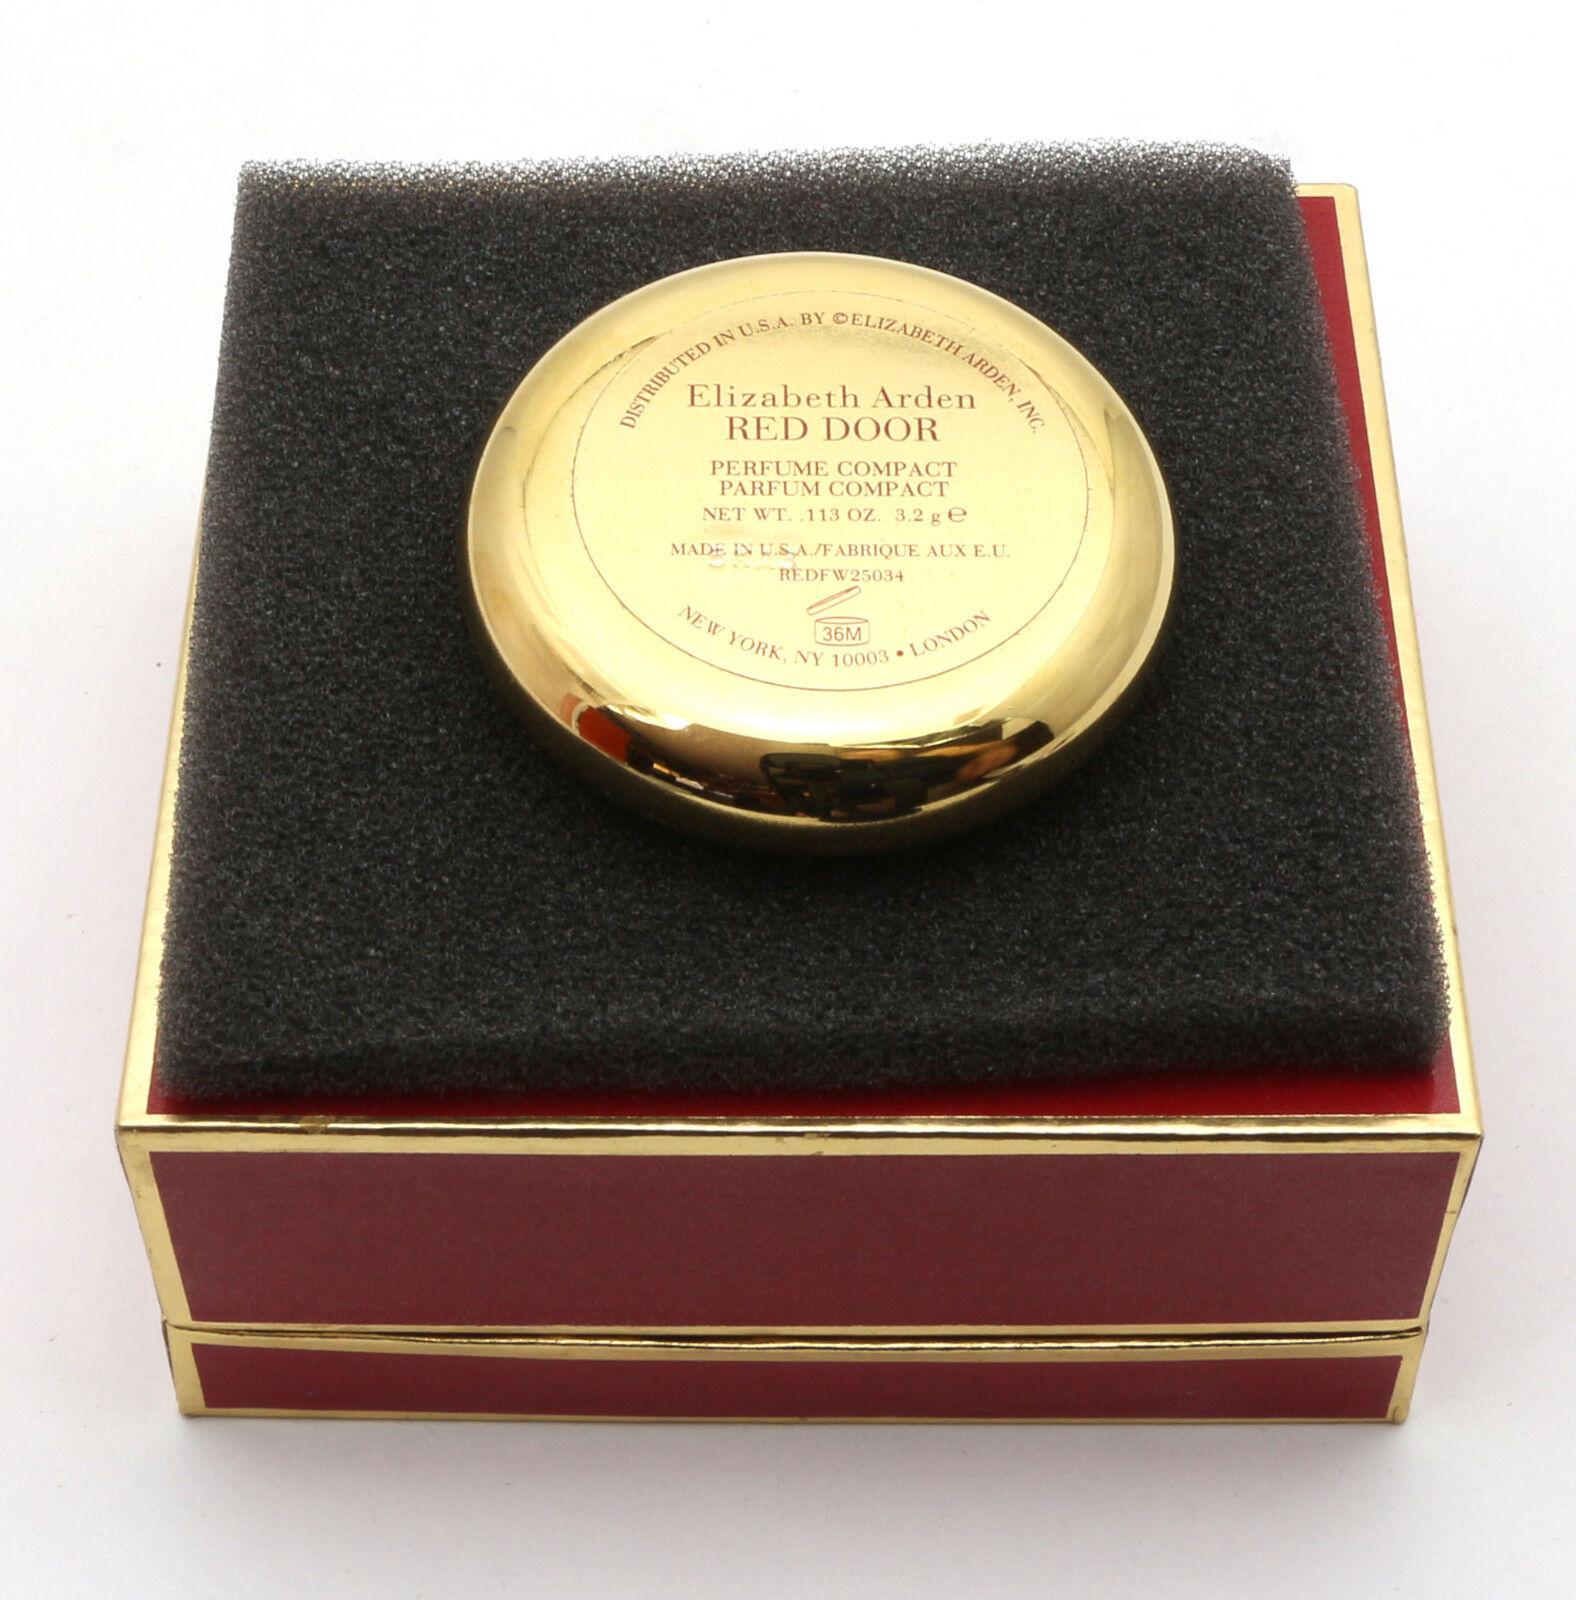 Red Door By Elizabeth Arden For Women Parfum Solid Compact 11 Oz Ebay